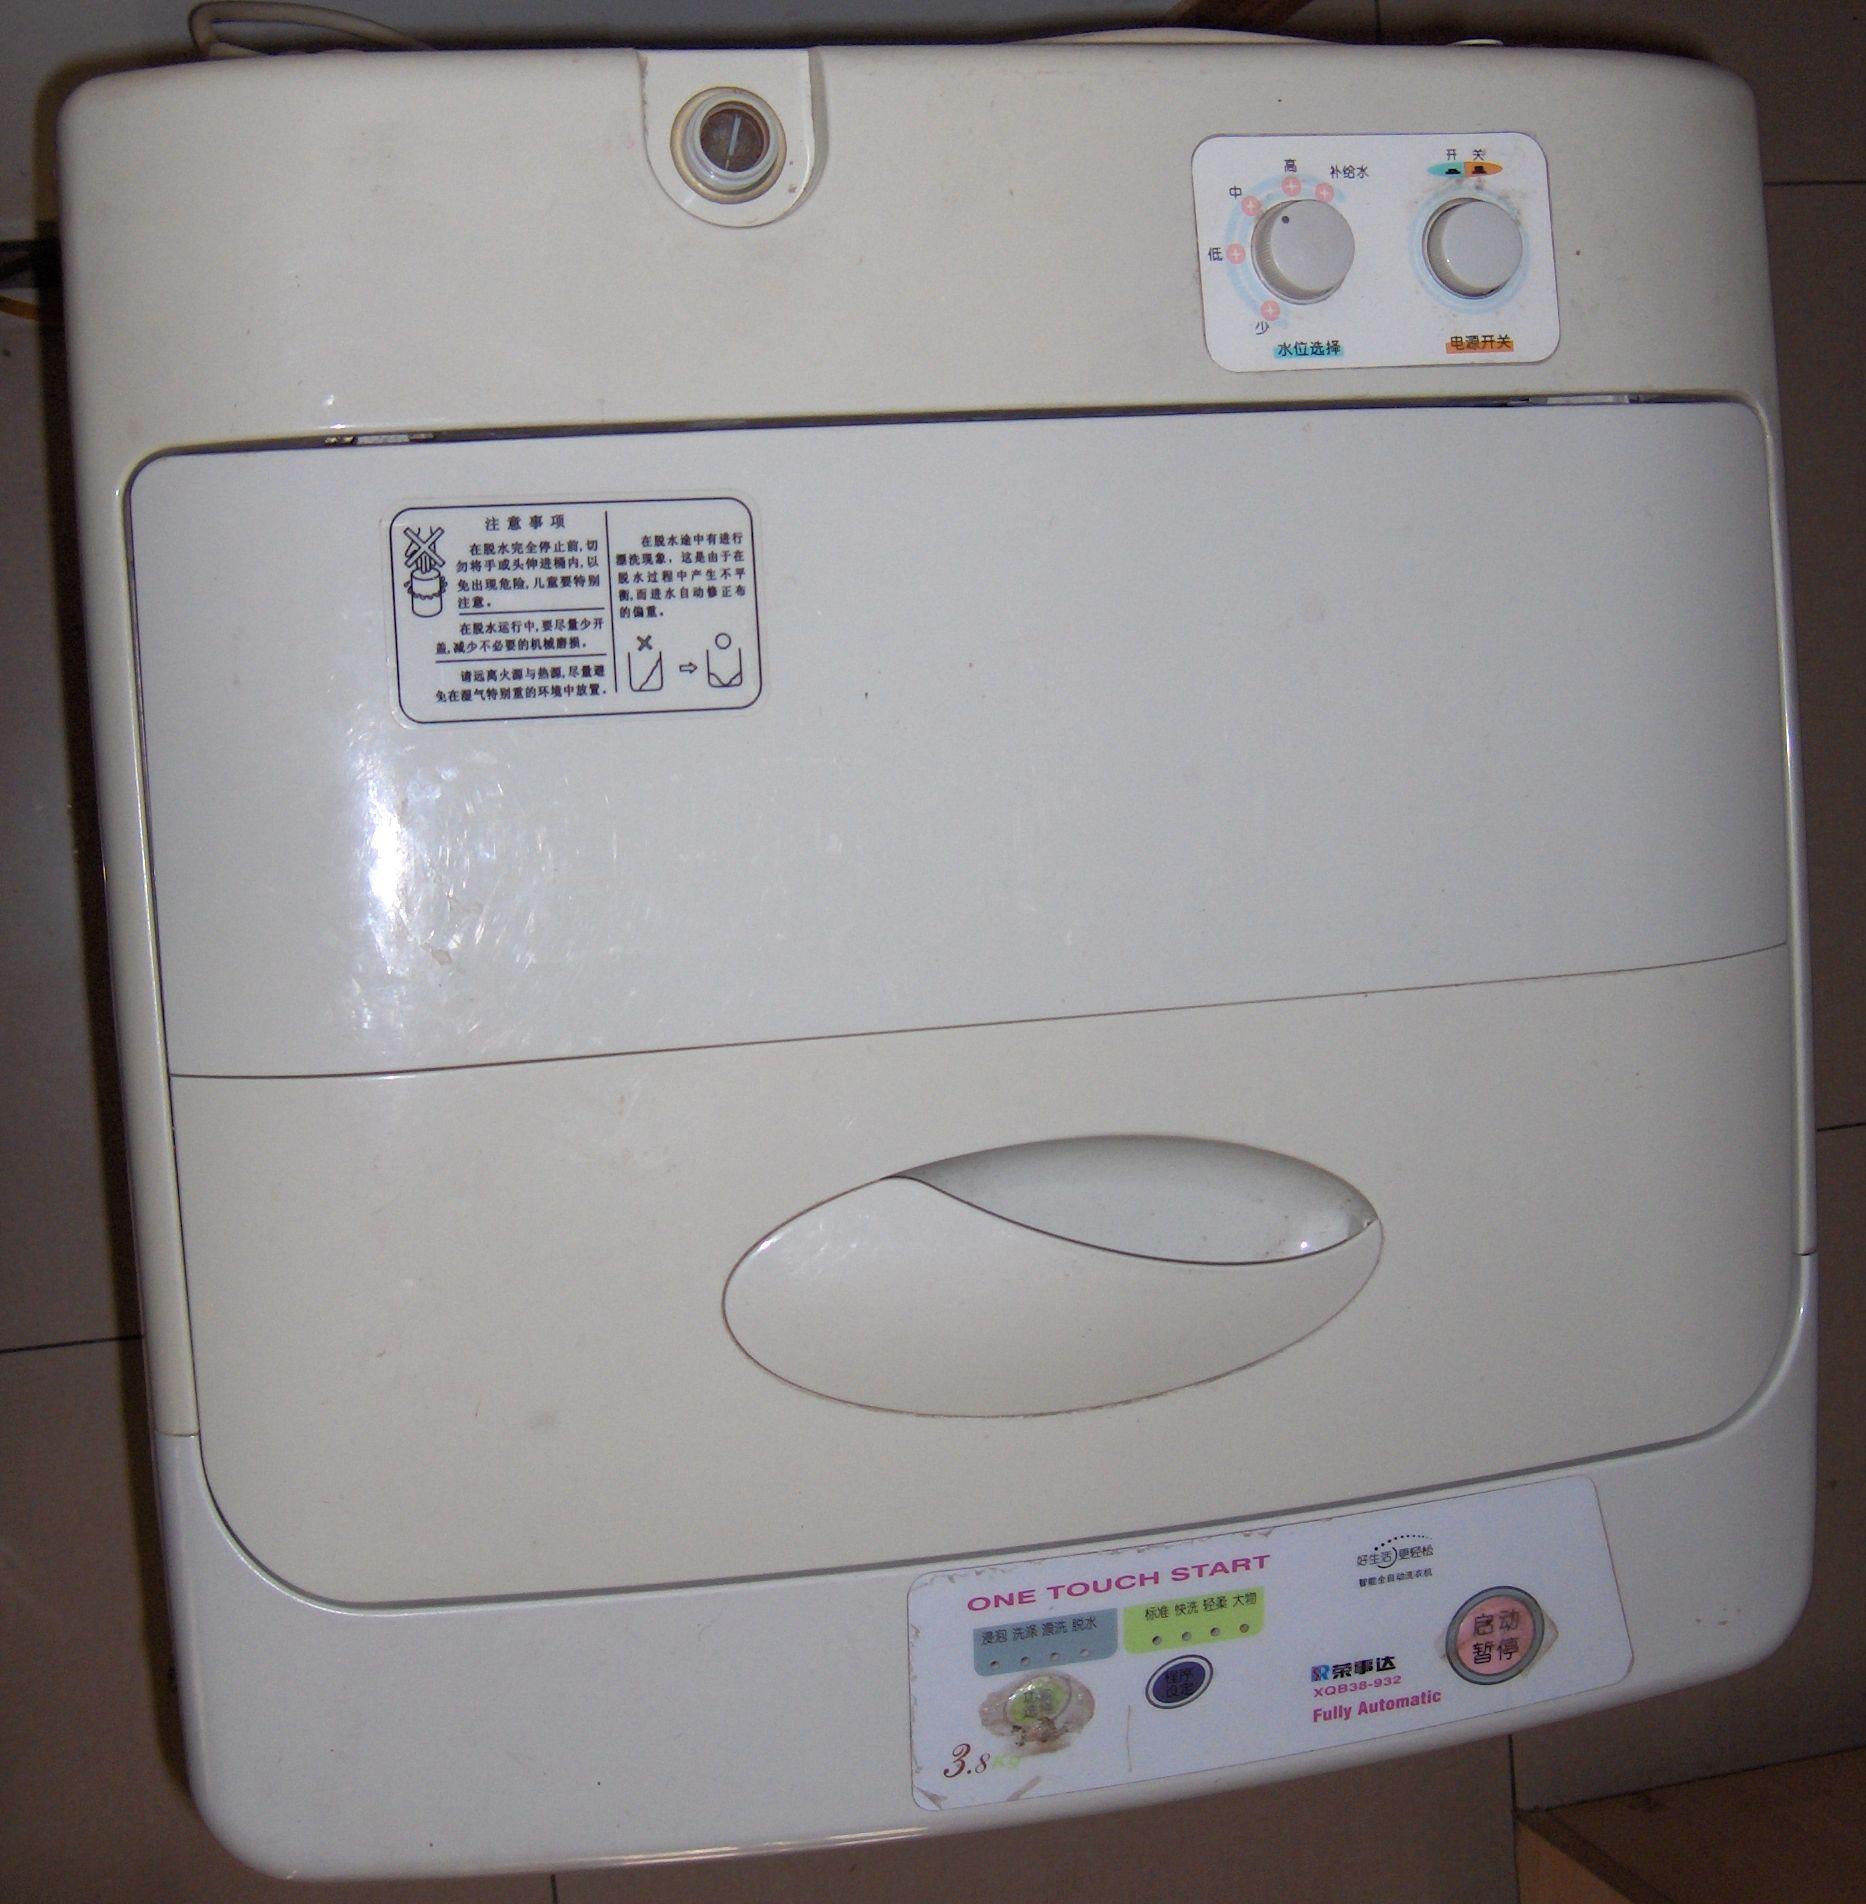 300元转让荣事达全自动洗衣机xqb38-932!